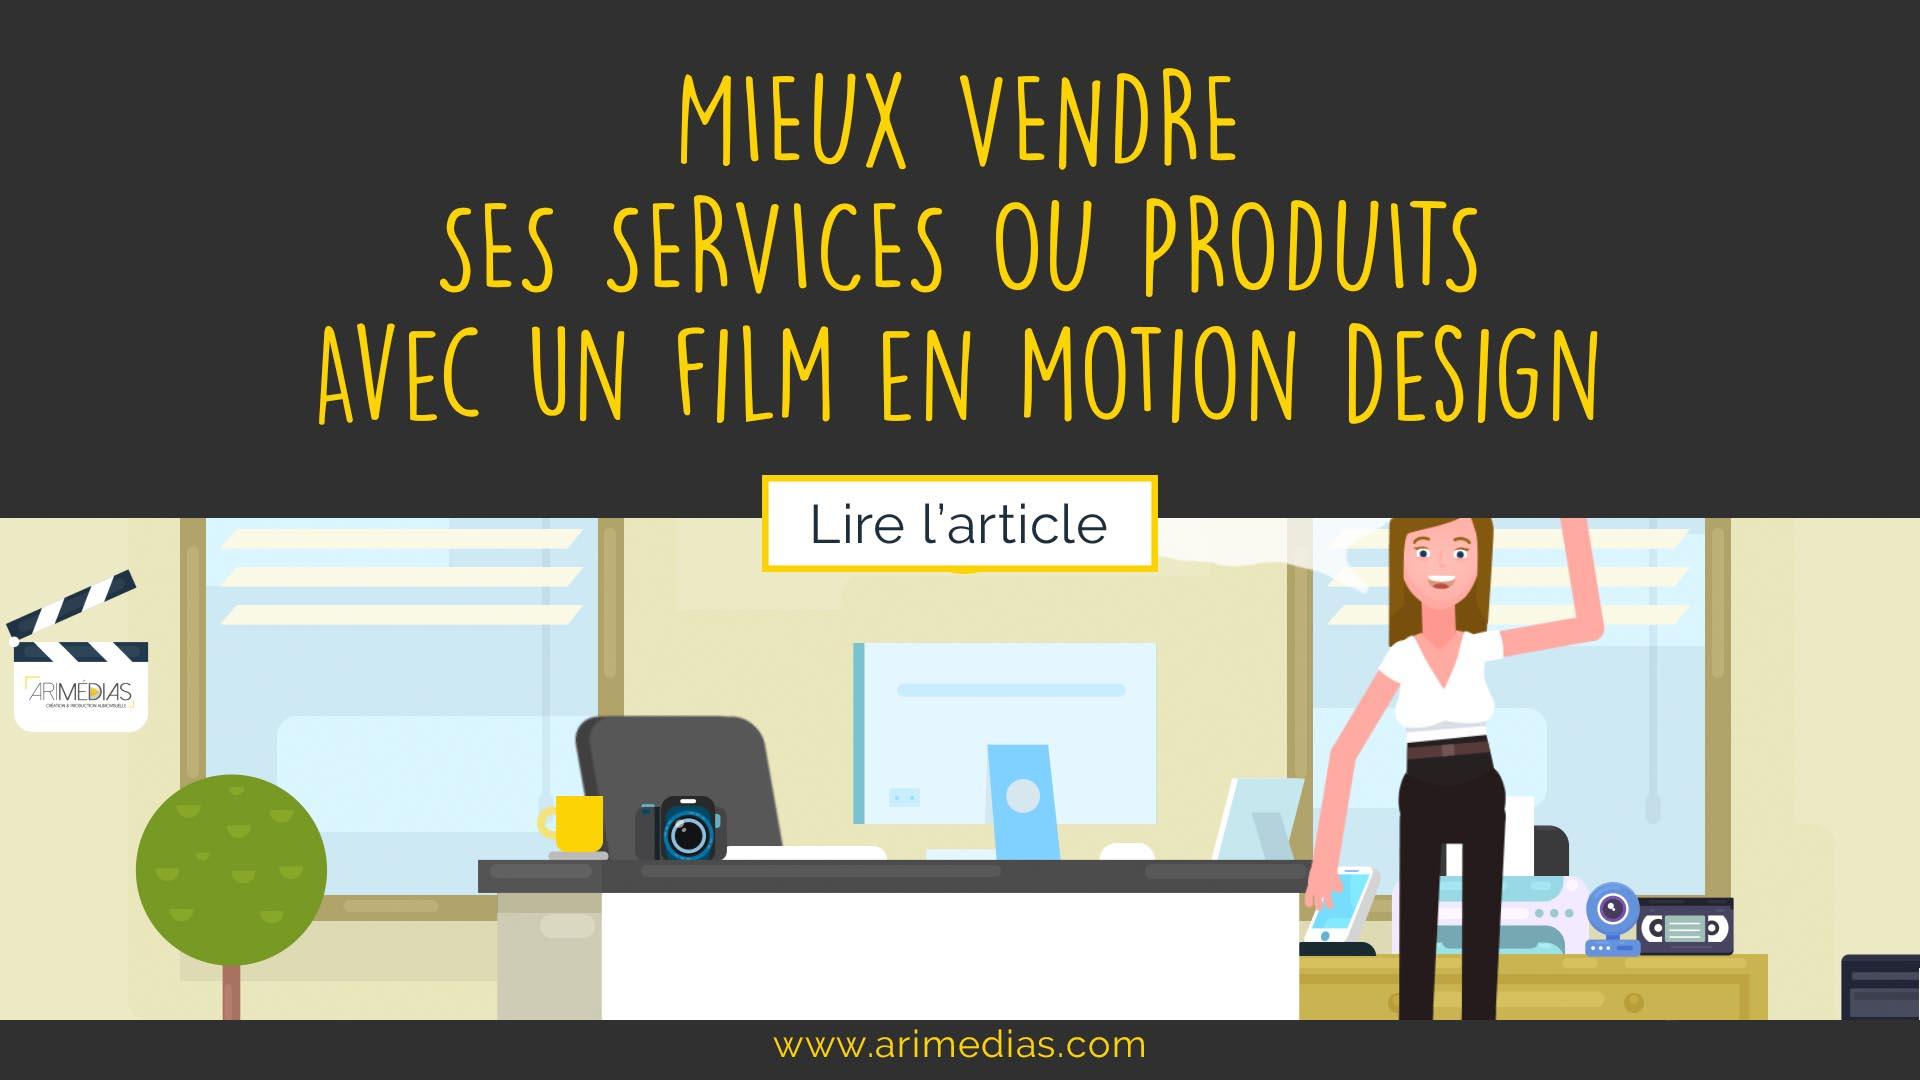 realiser un film en motion design permet d'expliquer des process technique ou de presenter se services et produits de manière ludique et pédagogique